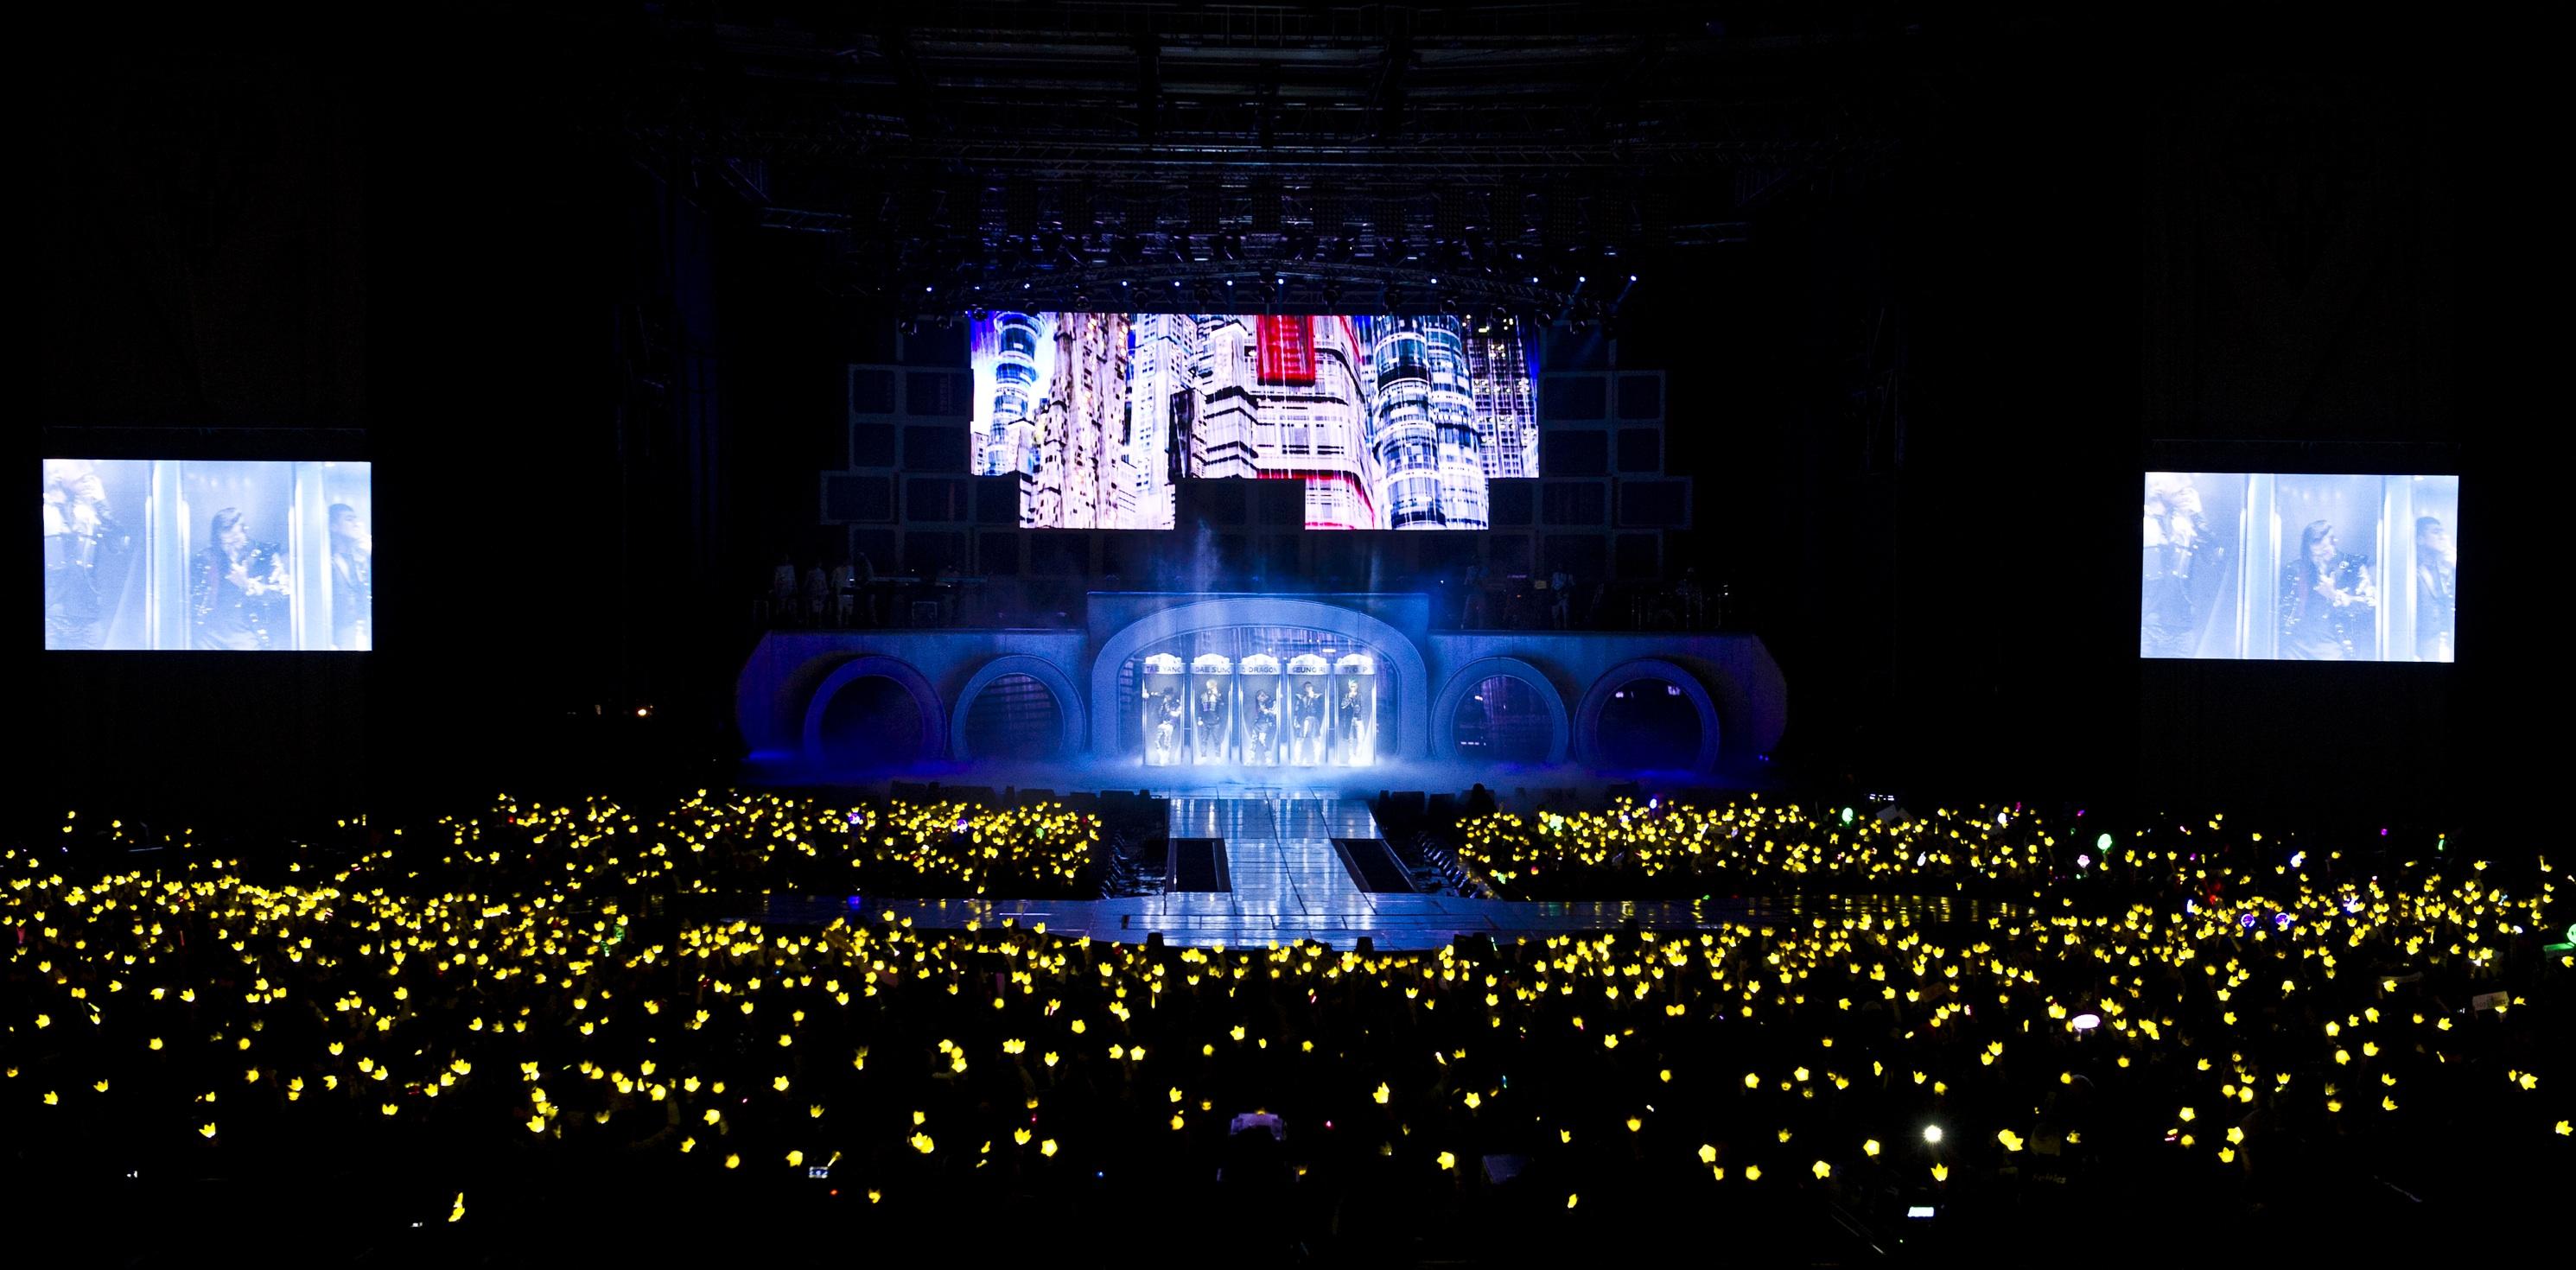 bigbang-alive-tour-2012-seoul-opening-lr